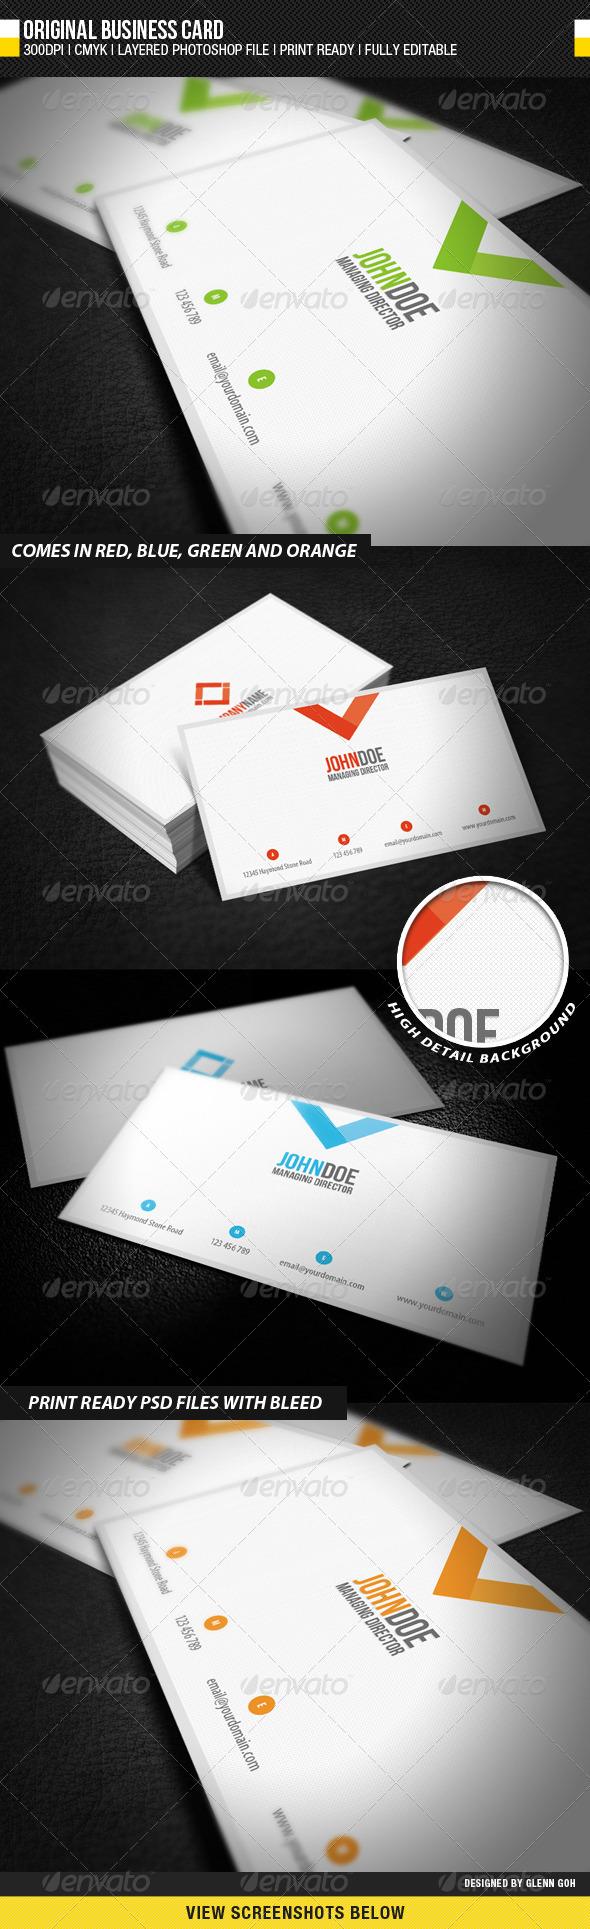 GraphicRiver Original Business Card 943814